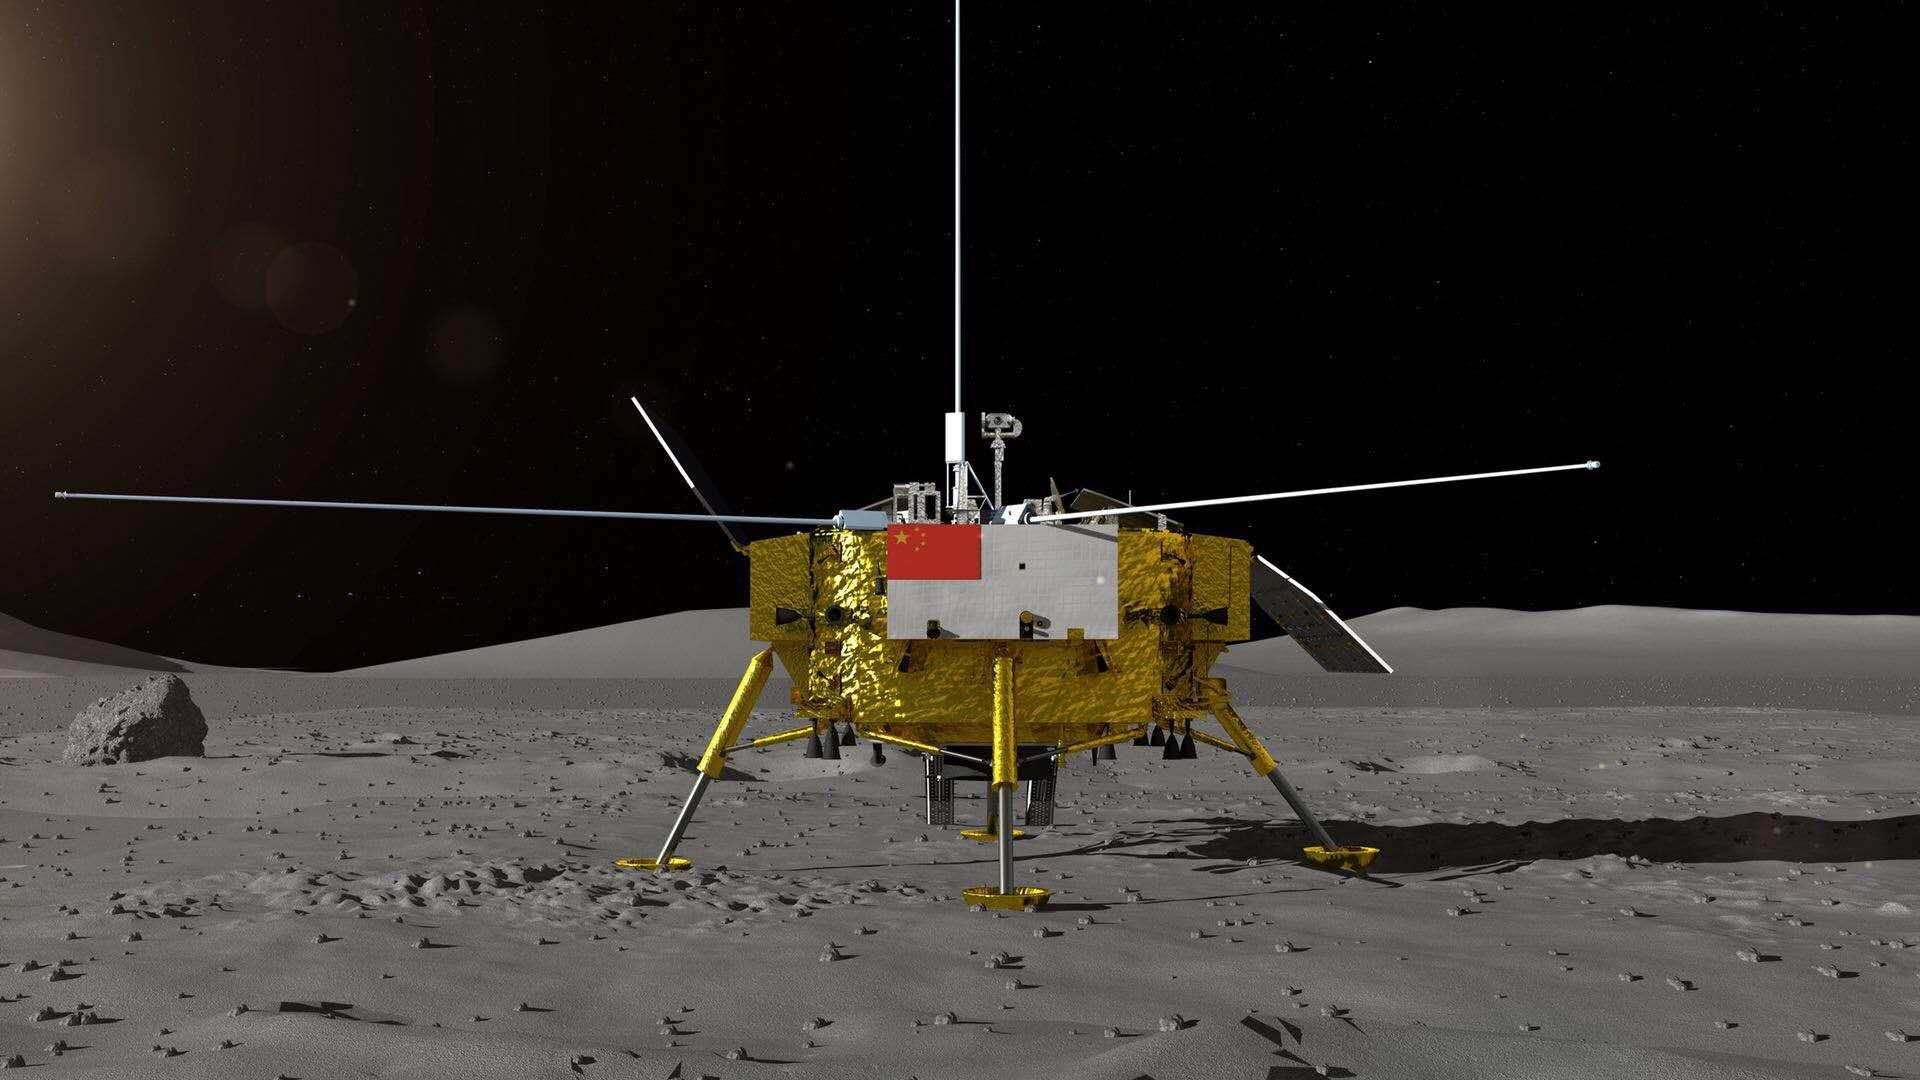 嫦娥四号探测器暗示图。国家航天局供图